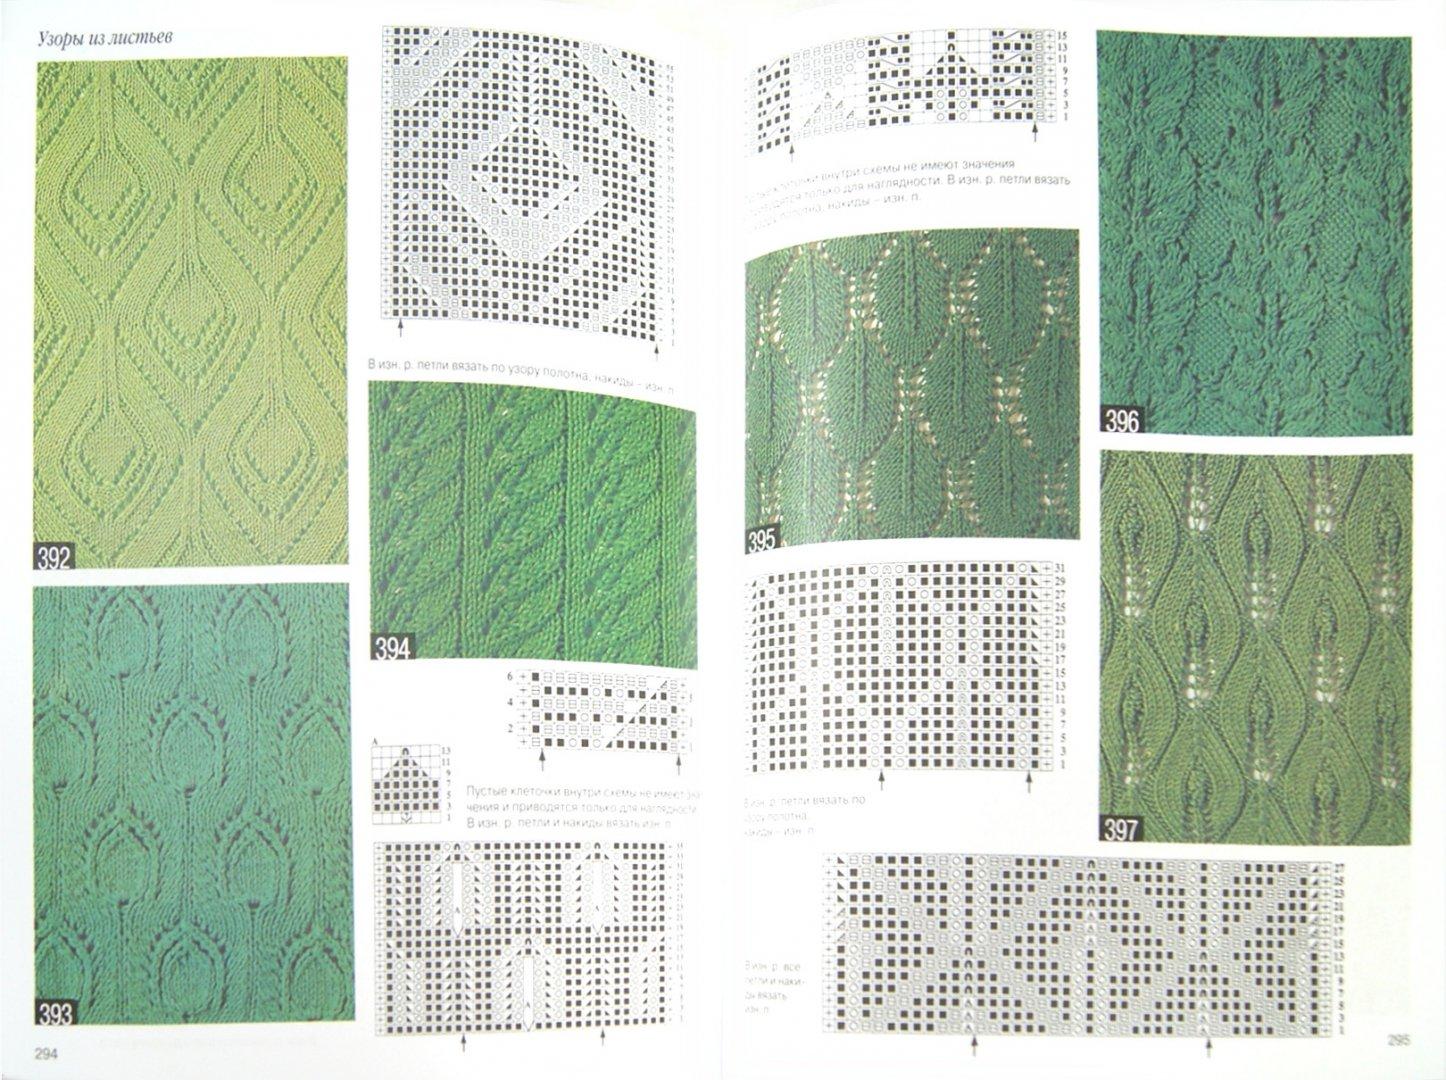 Иллюстрация 1 из 9 для Волшебный клубок. 1500 узоров в одной книге   Лабиринт - книги. Источник: Лабиринт